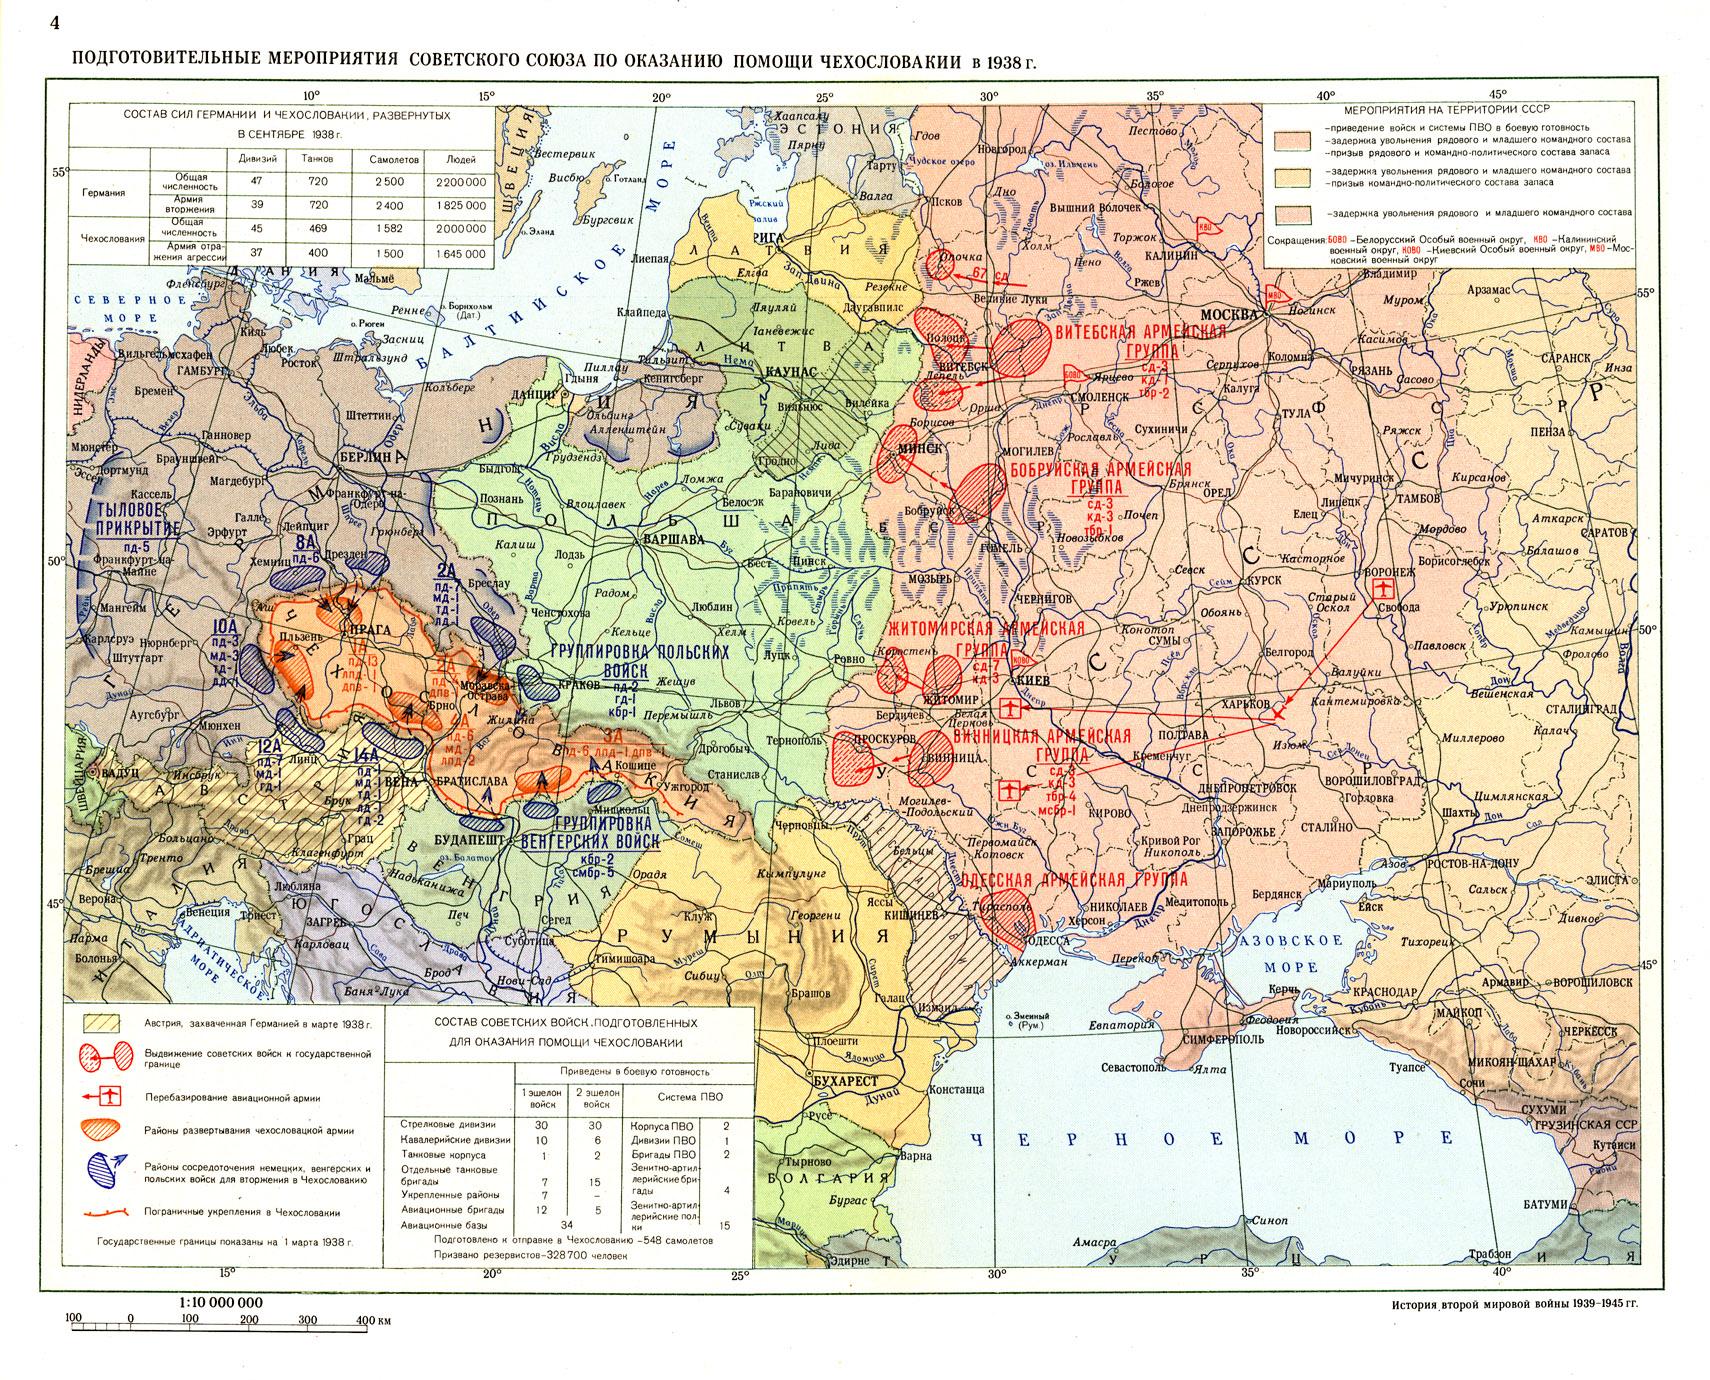 По оказанию помощи чехословакии в 1938